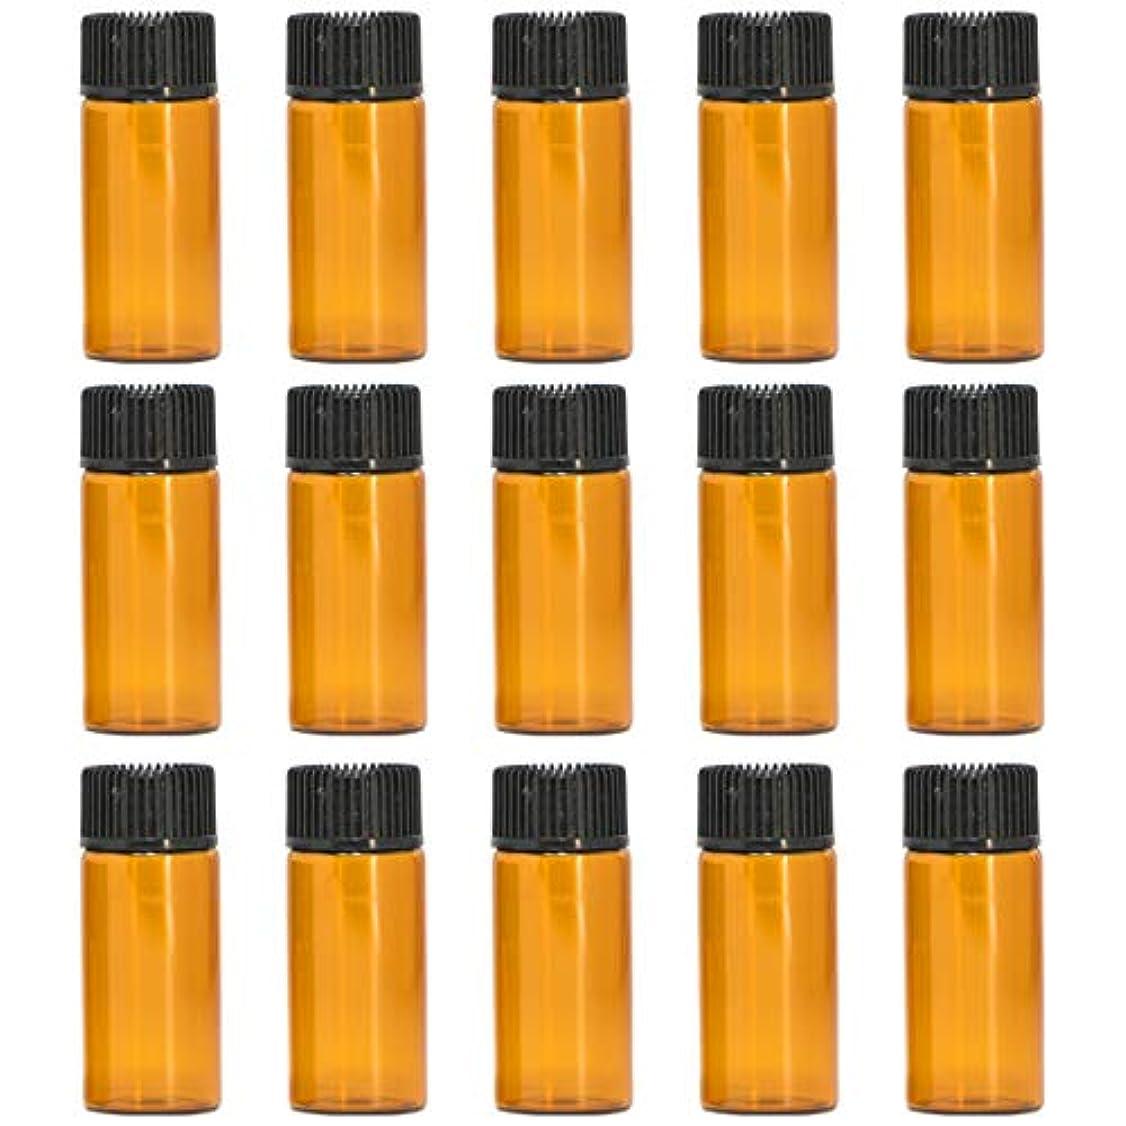 なめらかな疑い者欠席アロマオイル 精油 遮光瓶 遮光ビン ガラスボトル ガラス製 エッセンシャルオイル 保存用 保存容器詰め替え 茶色 ブラウン (5ml?15本セット))予備入り